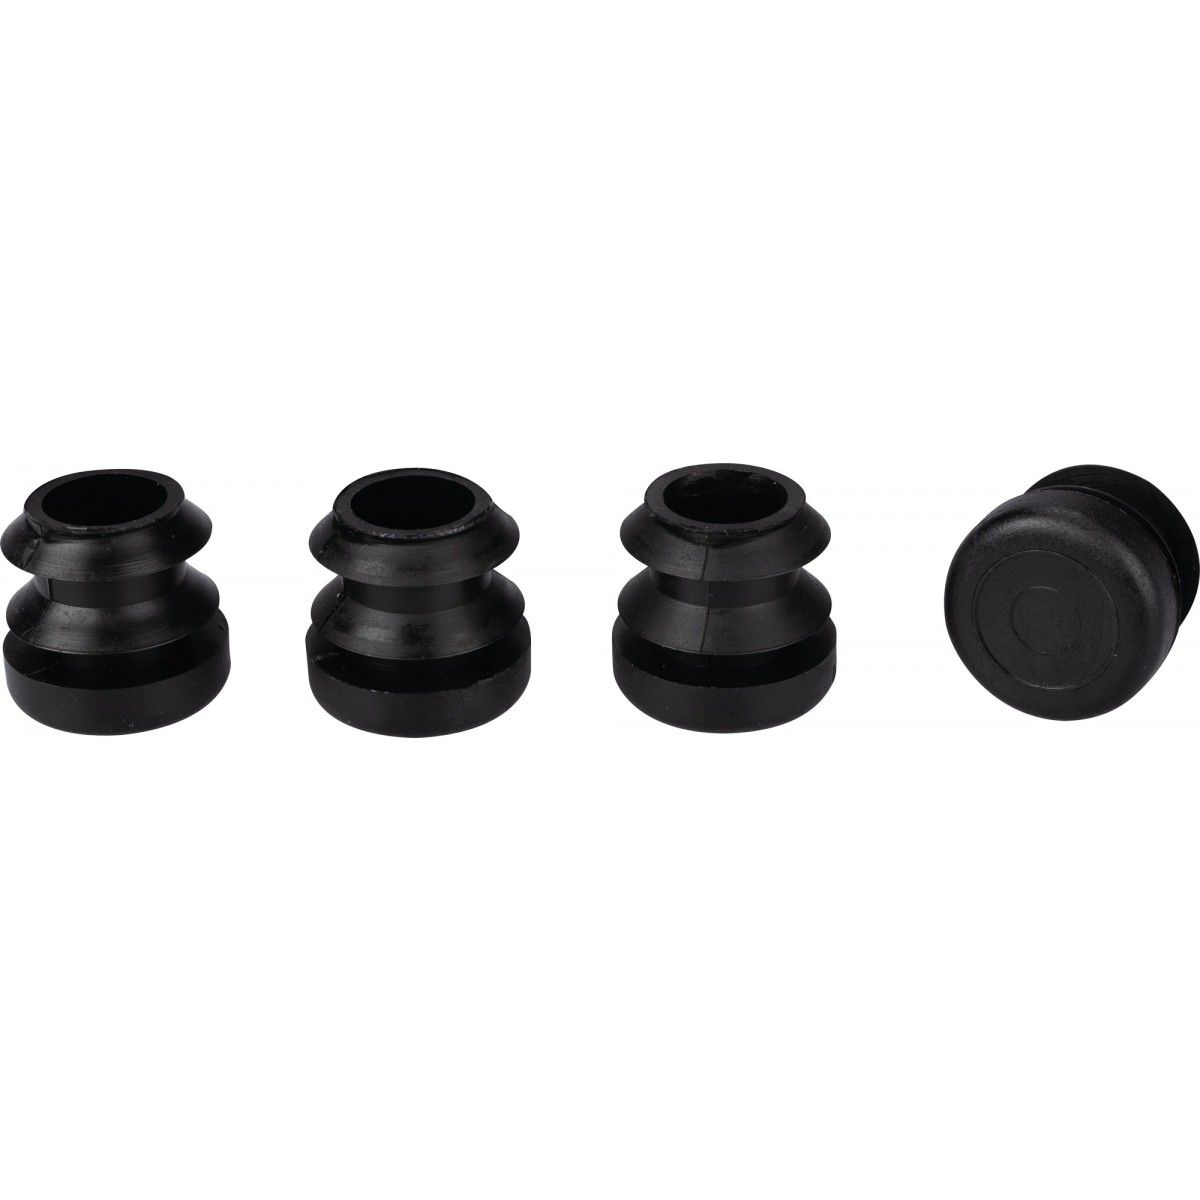 Embout rentrant plastique noir 3M - Diamètre 22 mm - Vendu par 4